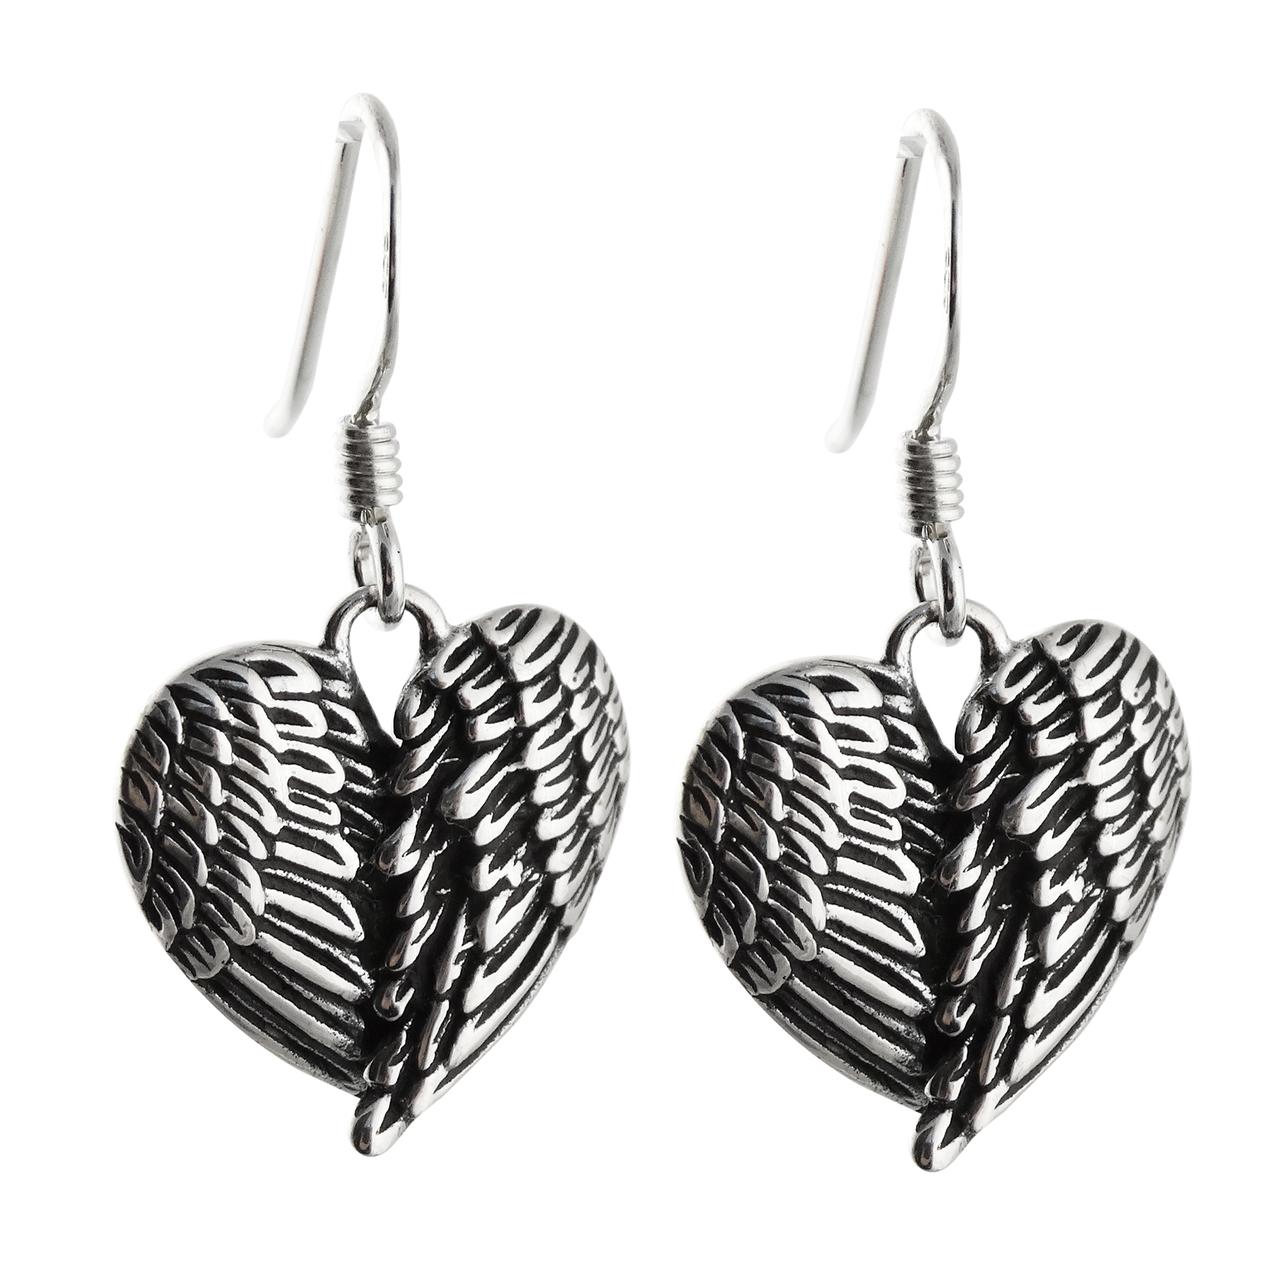 Angel Wing Earrings - 925 Sterling Silver